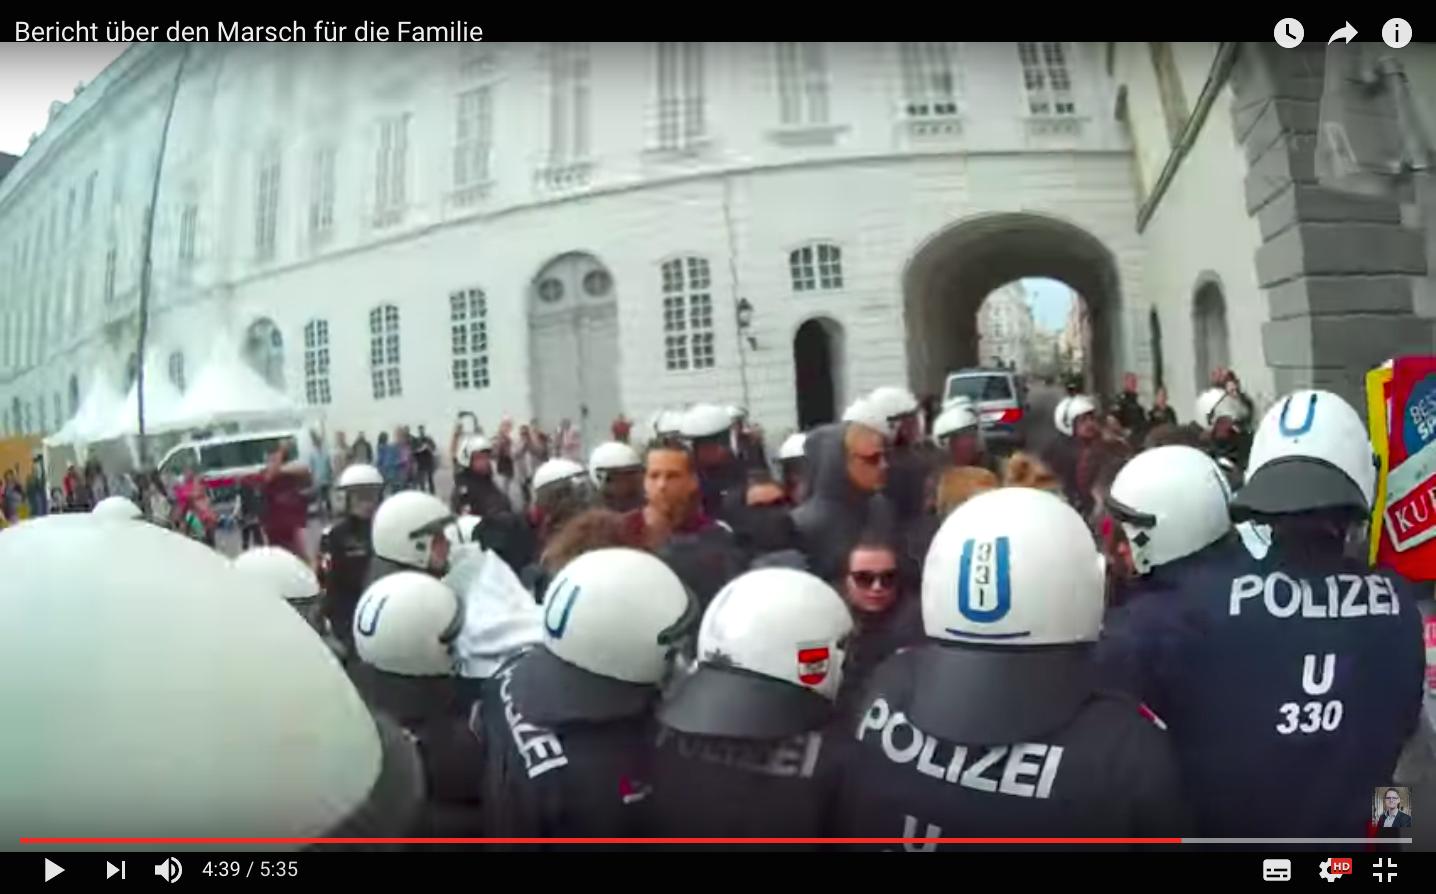 Video: Marsch Für Die Familie